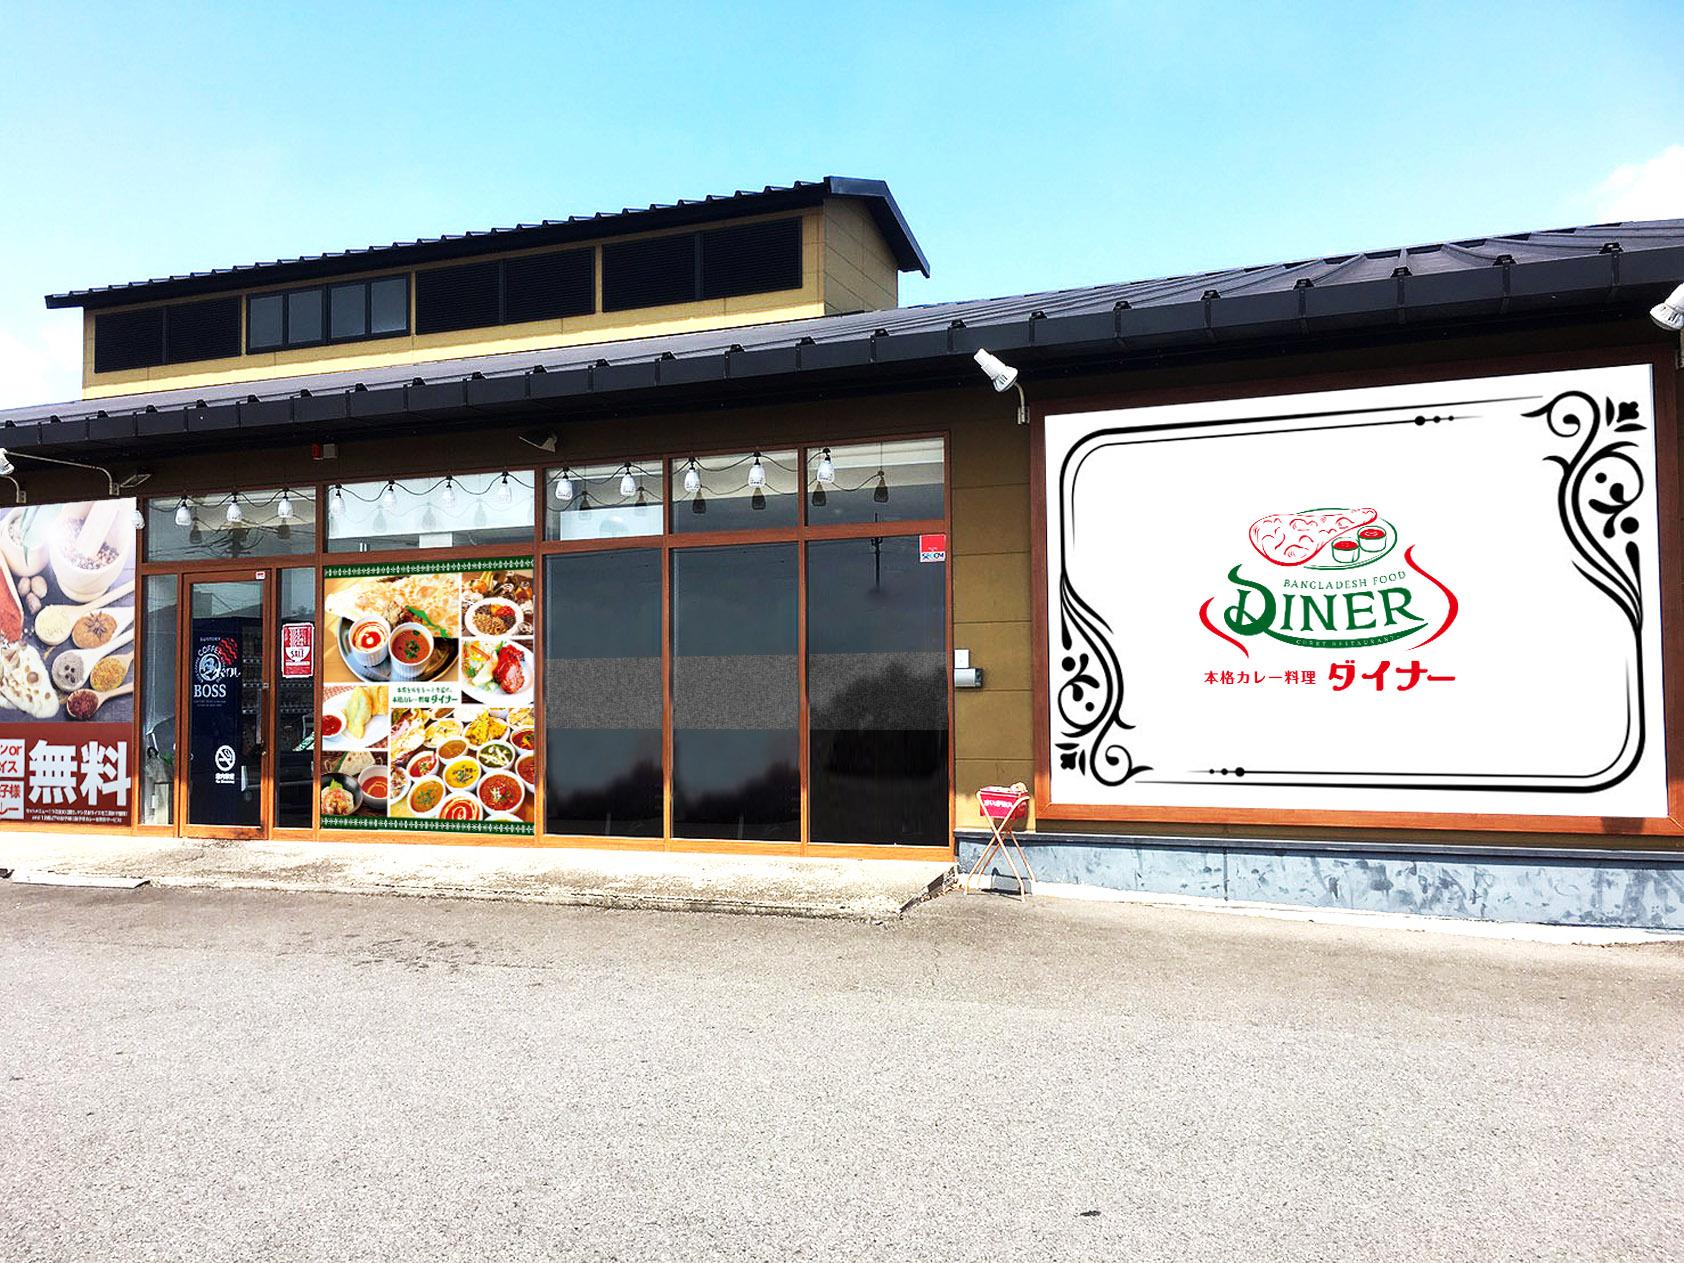 ダイナーイオンモール太田東店